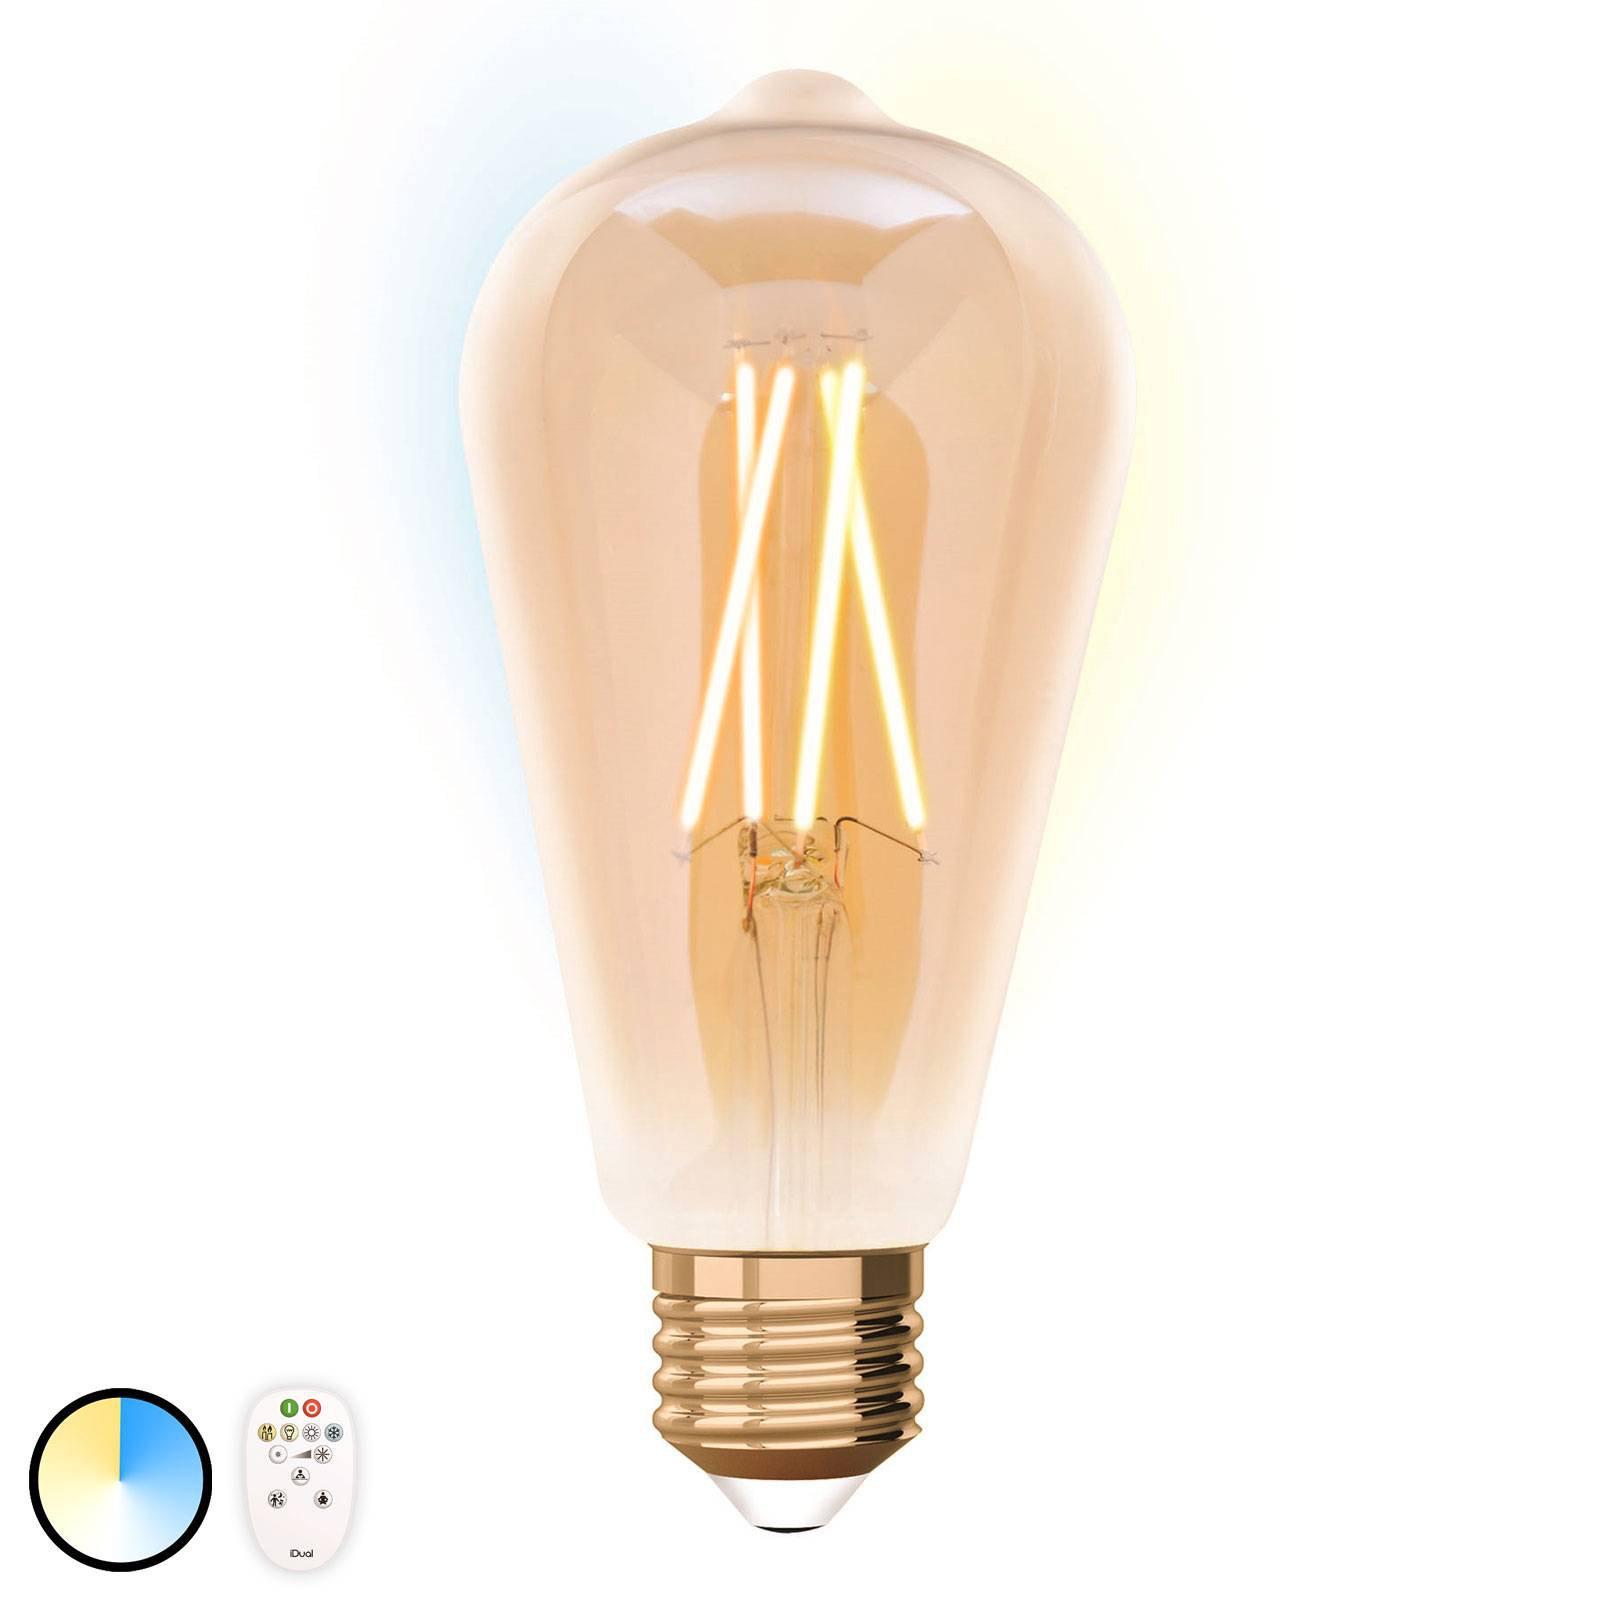 iDual LED-pære E27 ST64 9 W med fjernkontroll